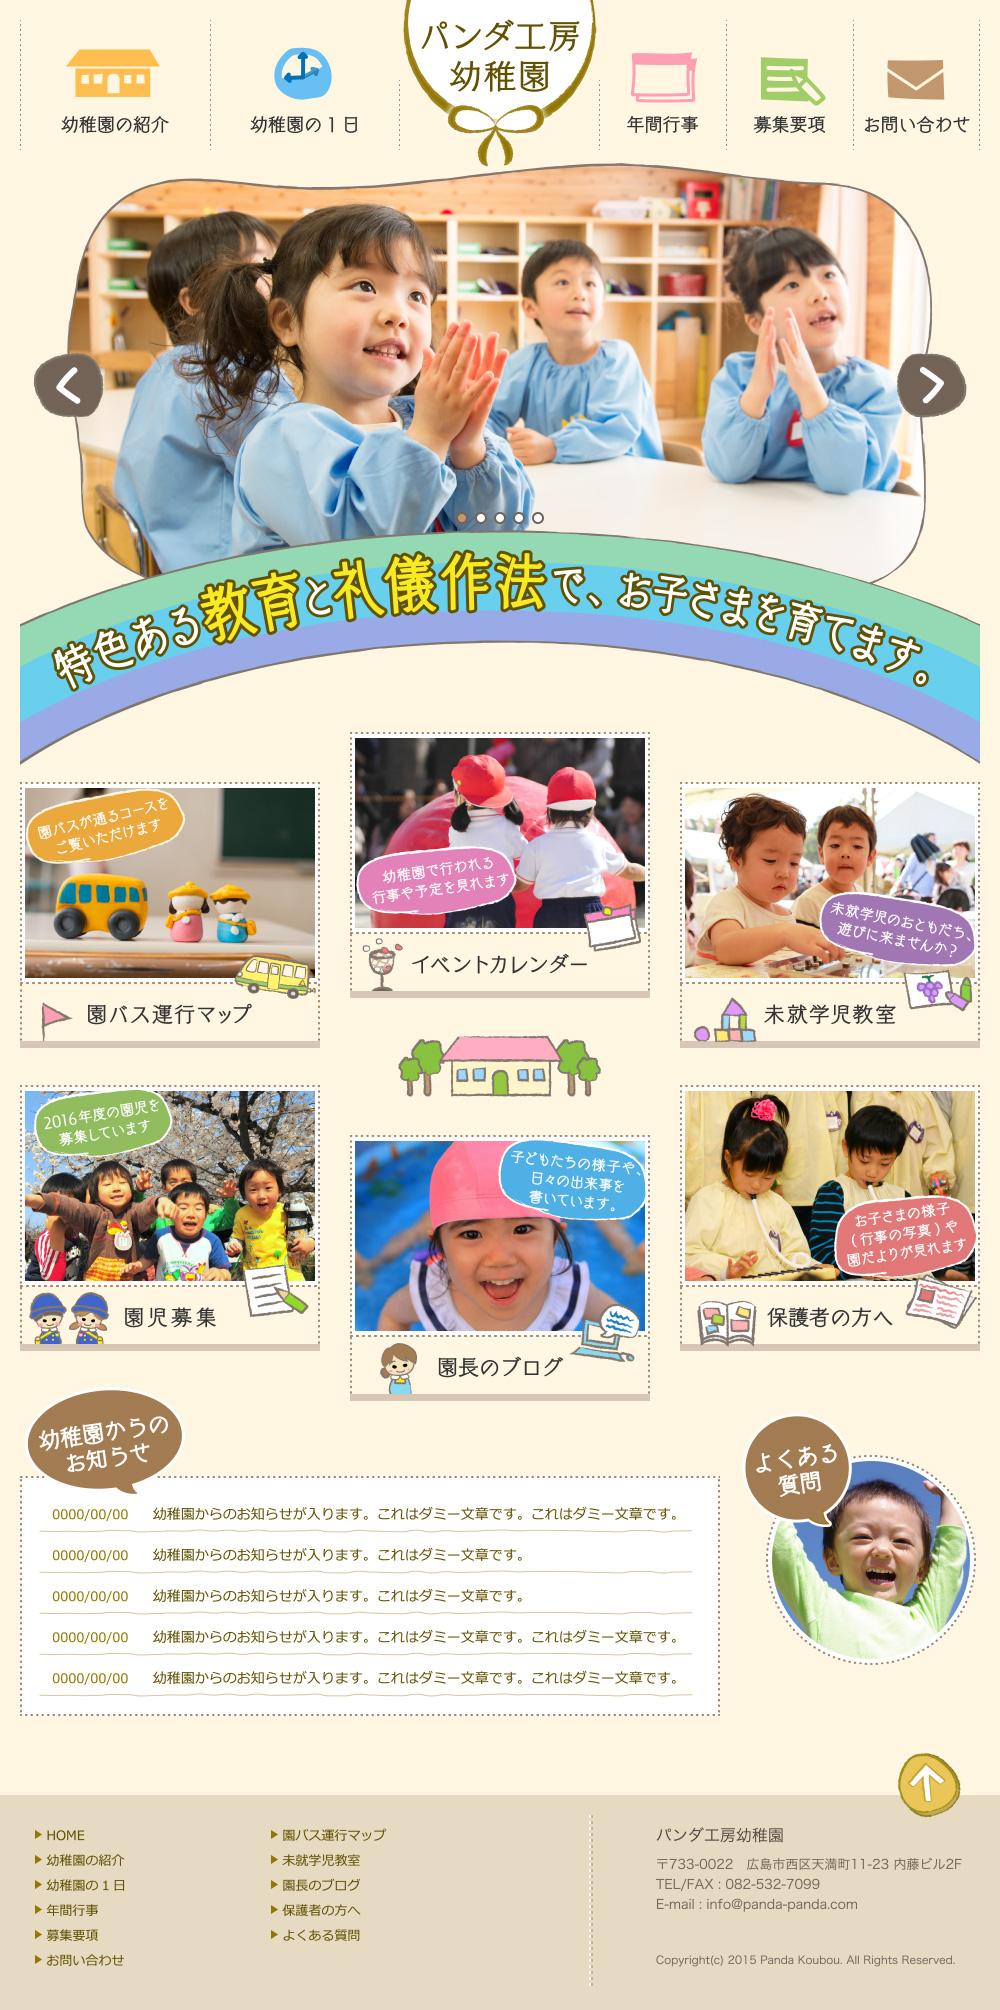 幼稚園・保育園のホームページ作成 | 広島のホームページ制作 パンダ工房